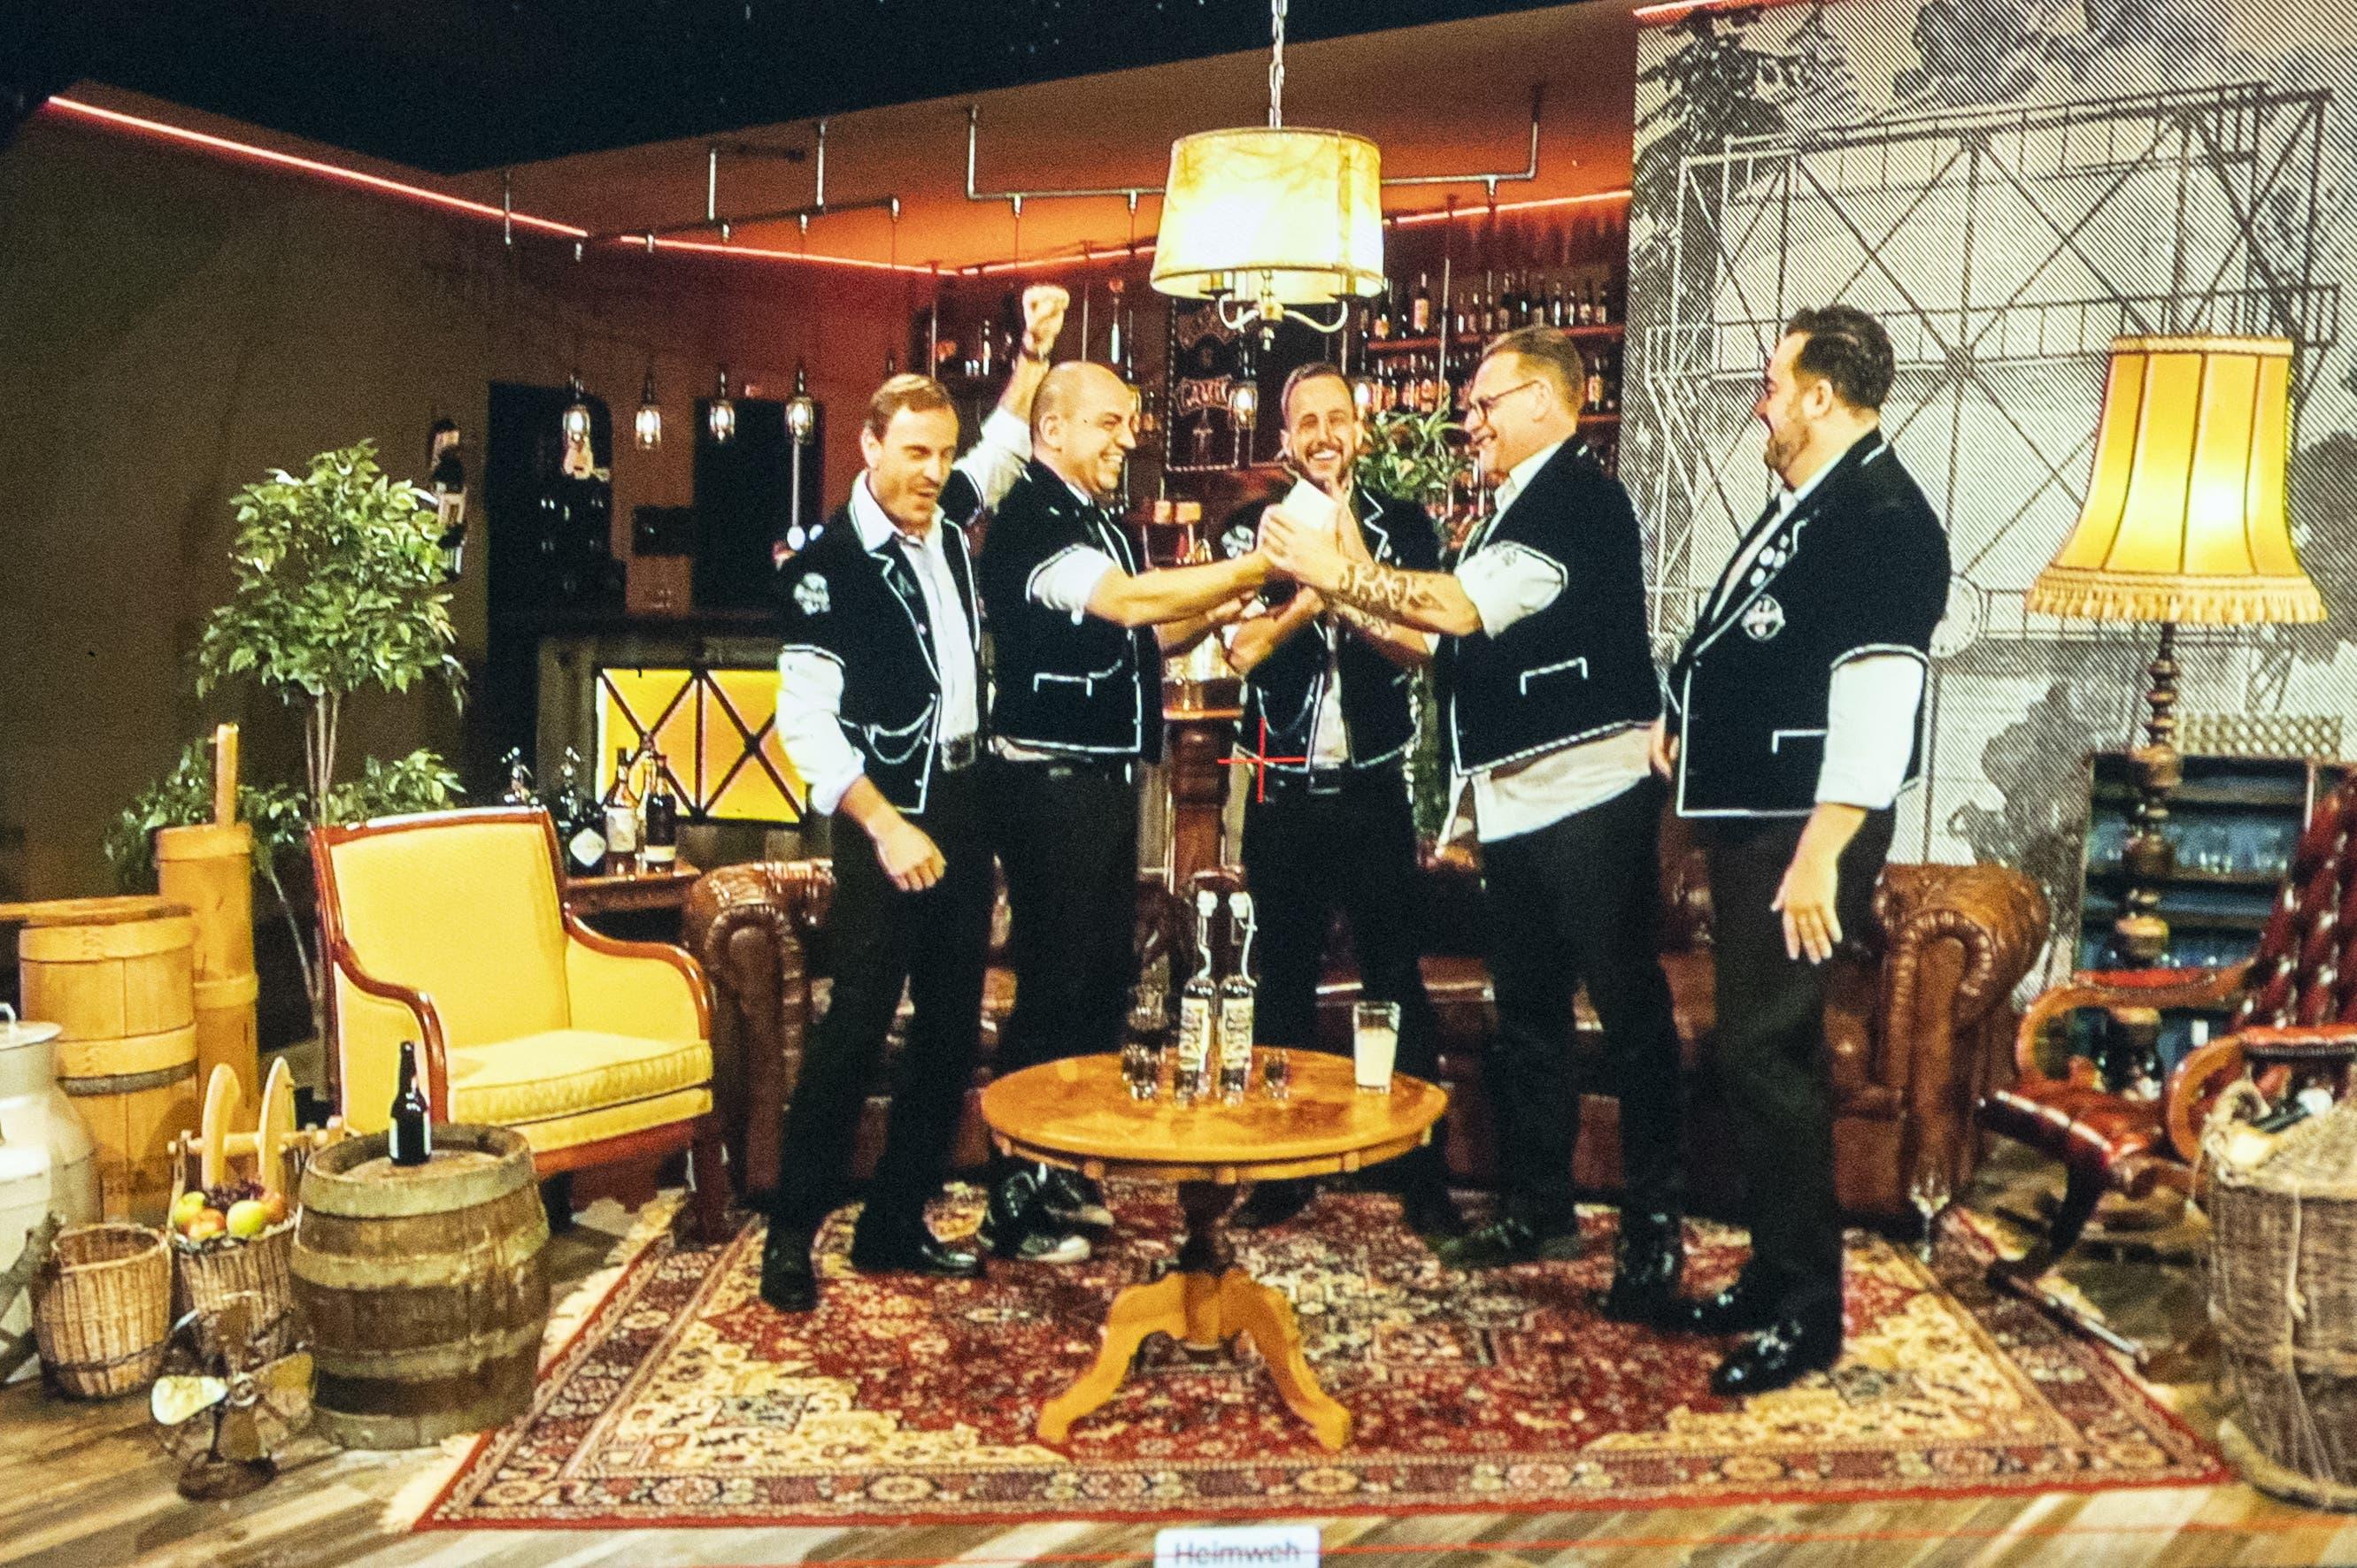 Heimweh erhält den Preis als «Best Group»